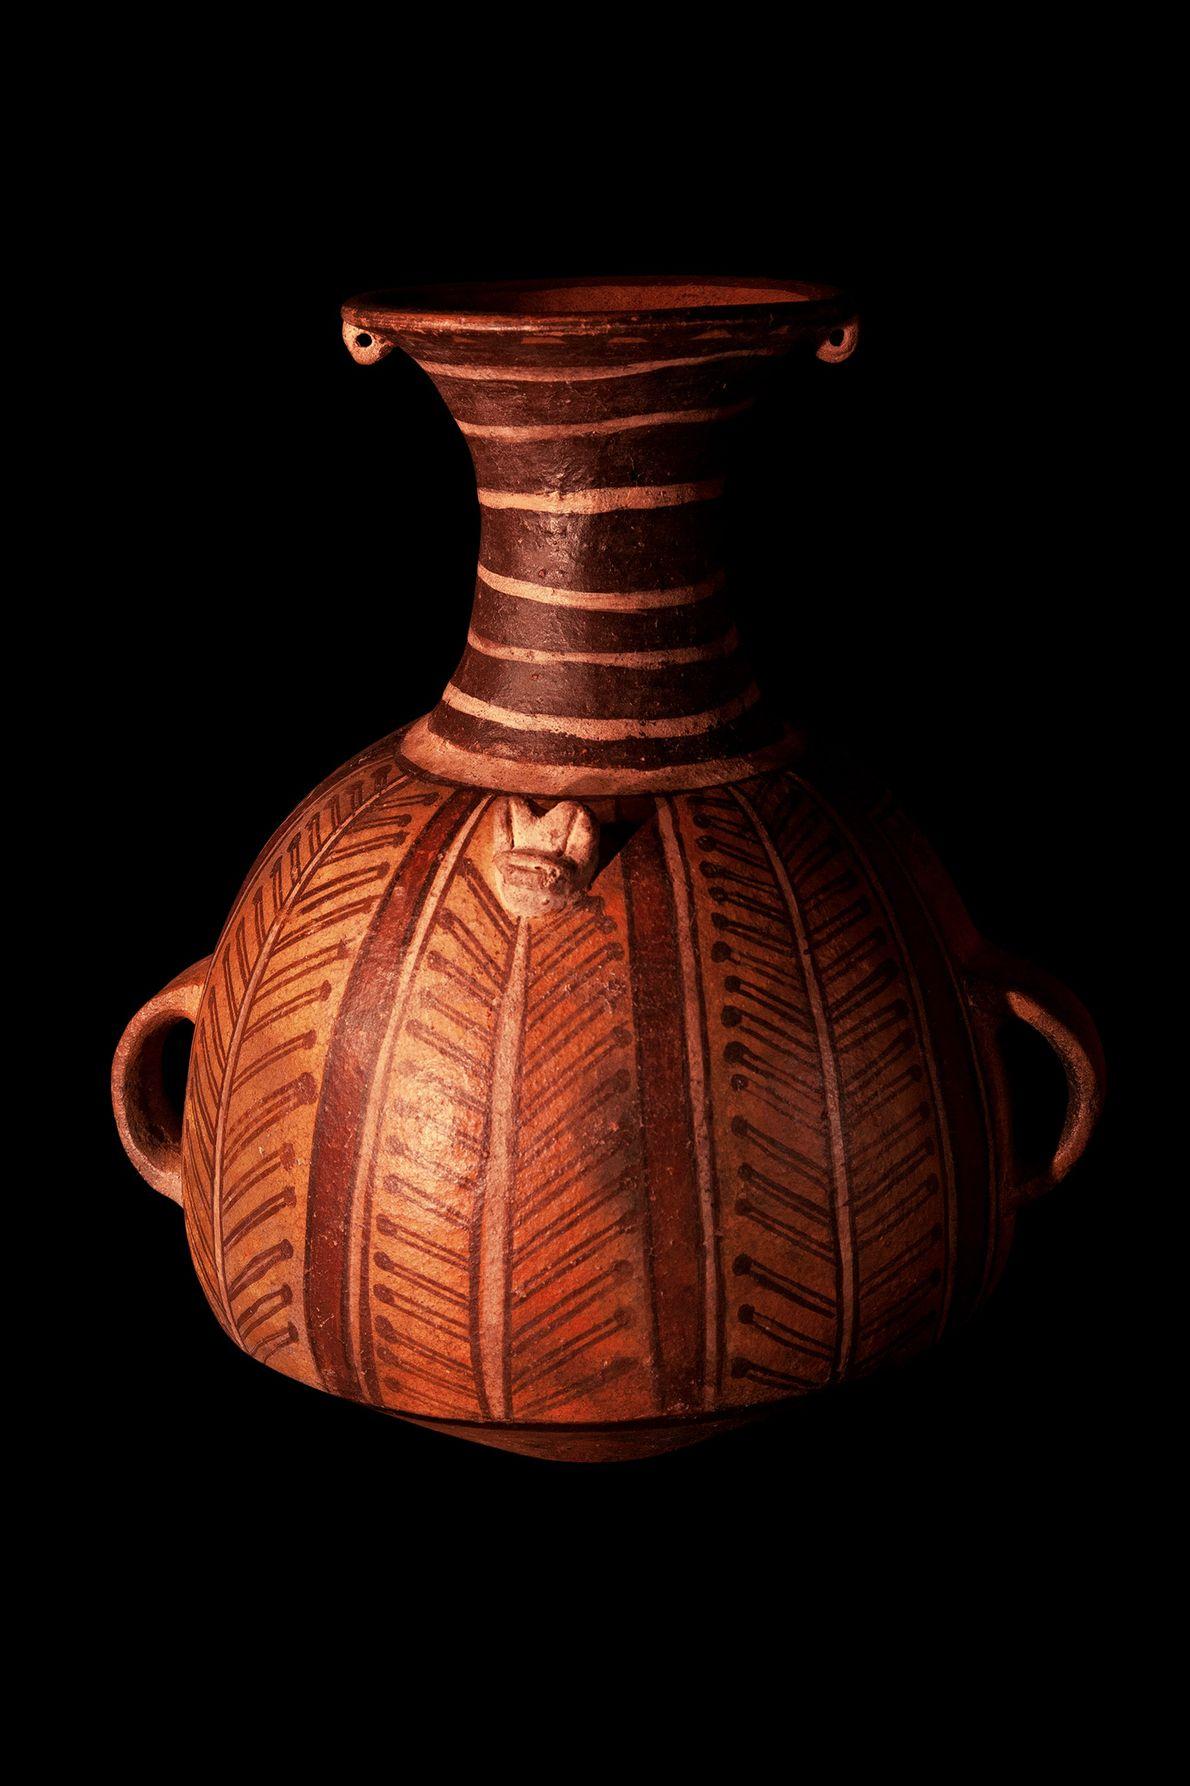 Vaso da cultura inca (1438 d.C.-chegada dos conquistadores espanhóis) encontrados nos Andes Centrais, atual Peru. A ...